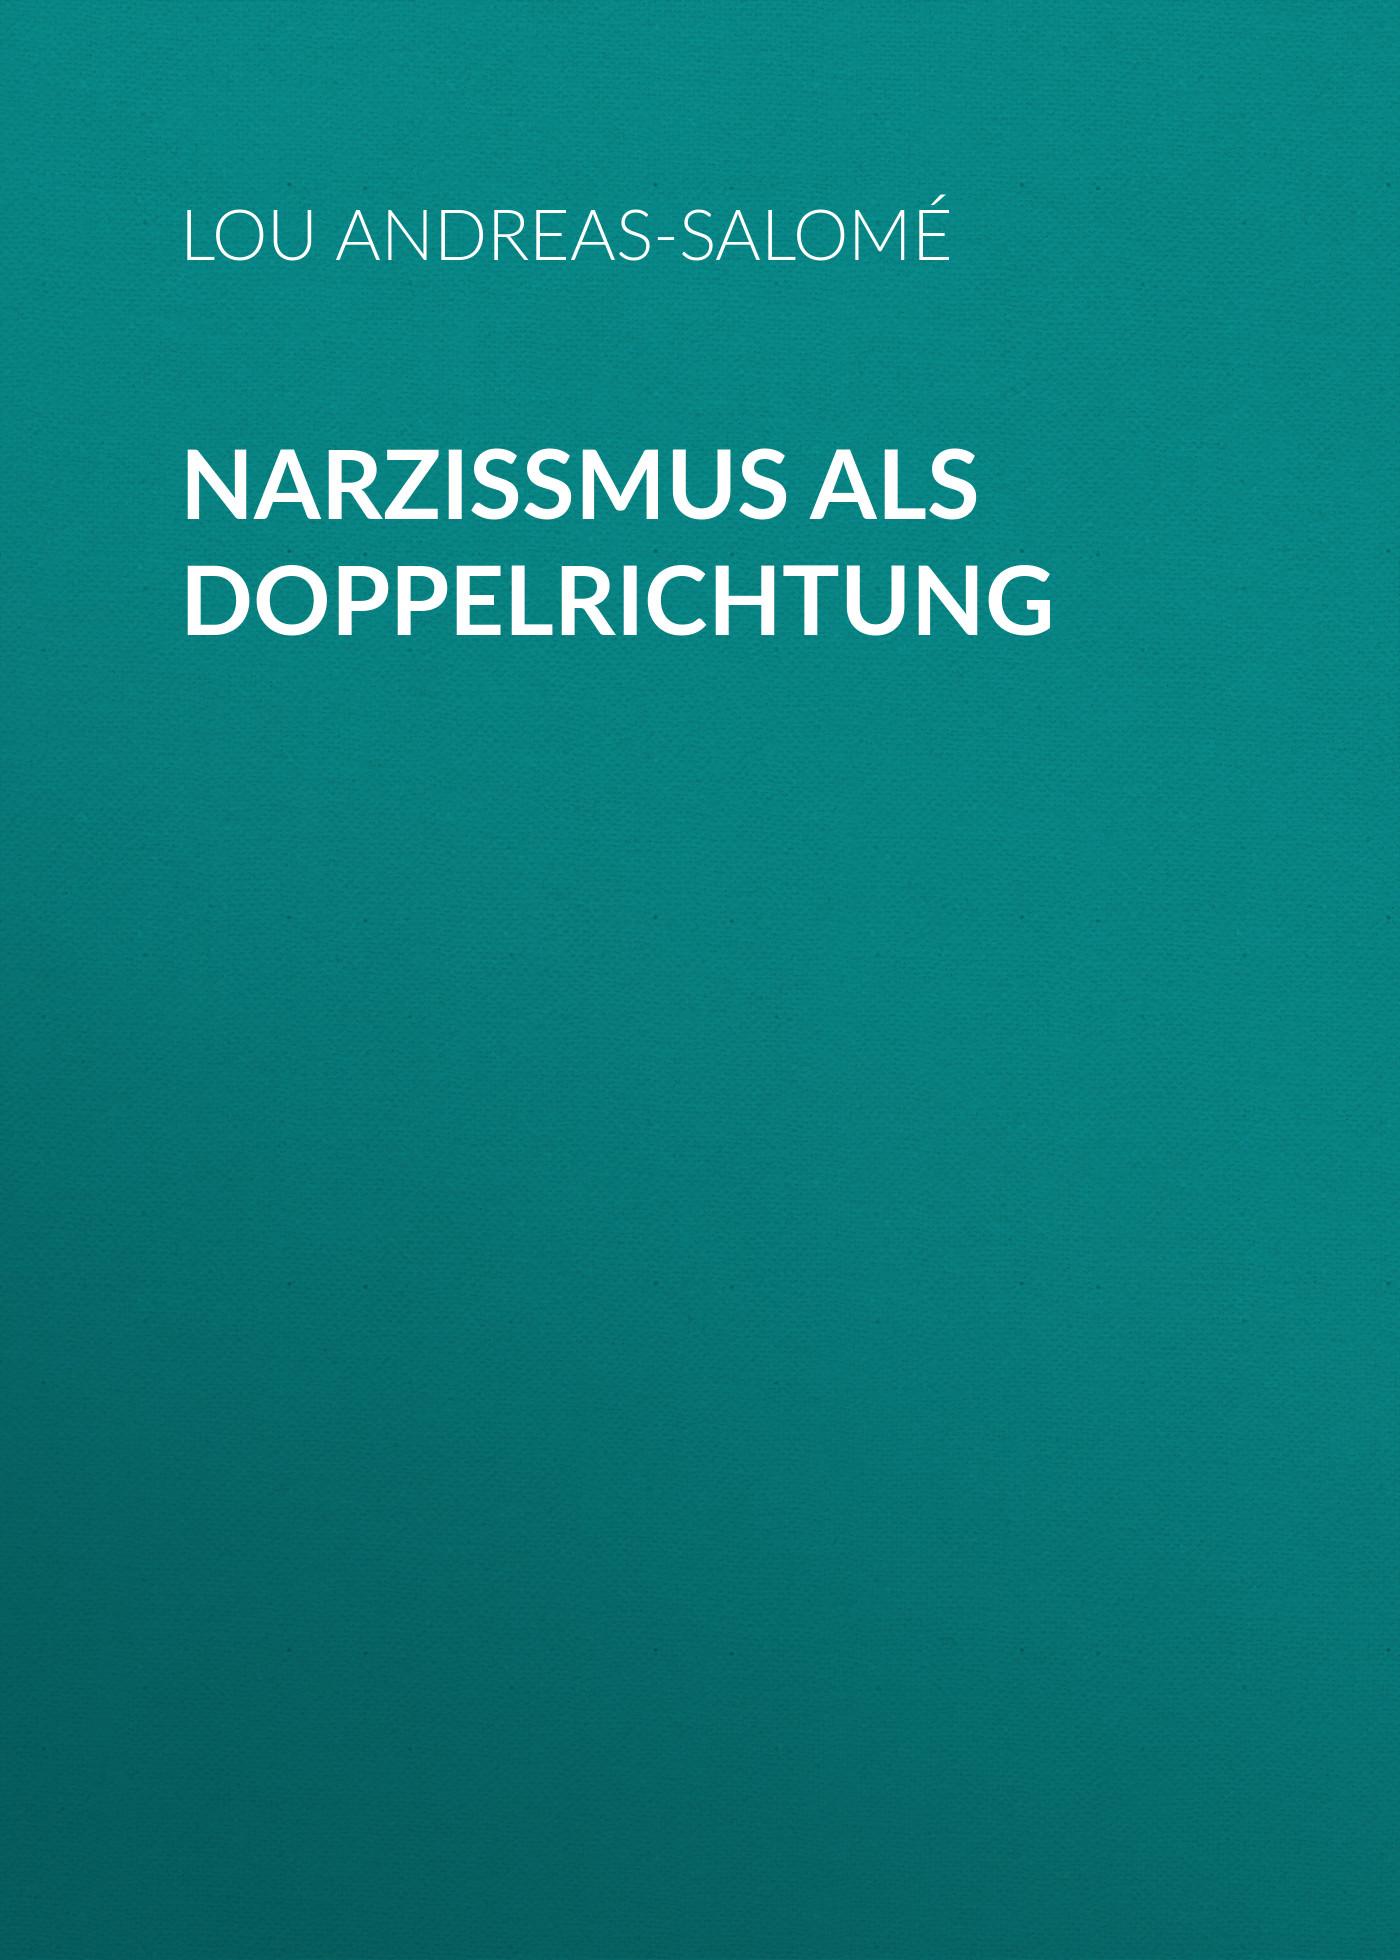 narzissmus als doppelrichtung